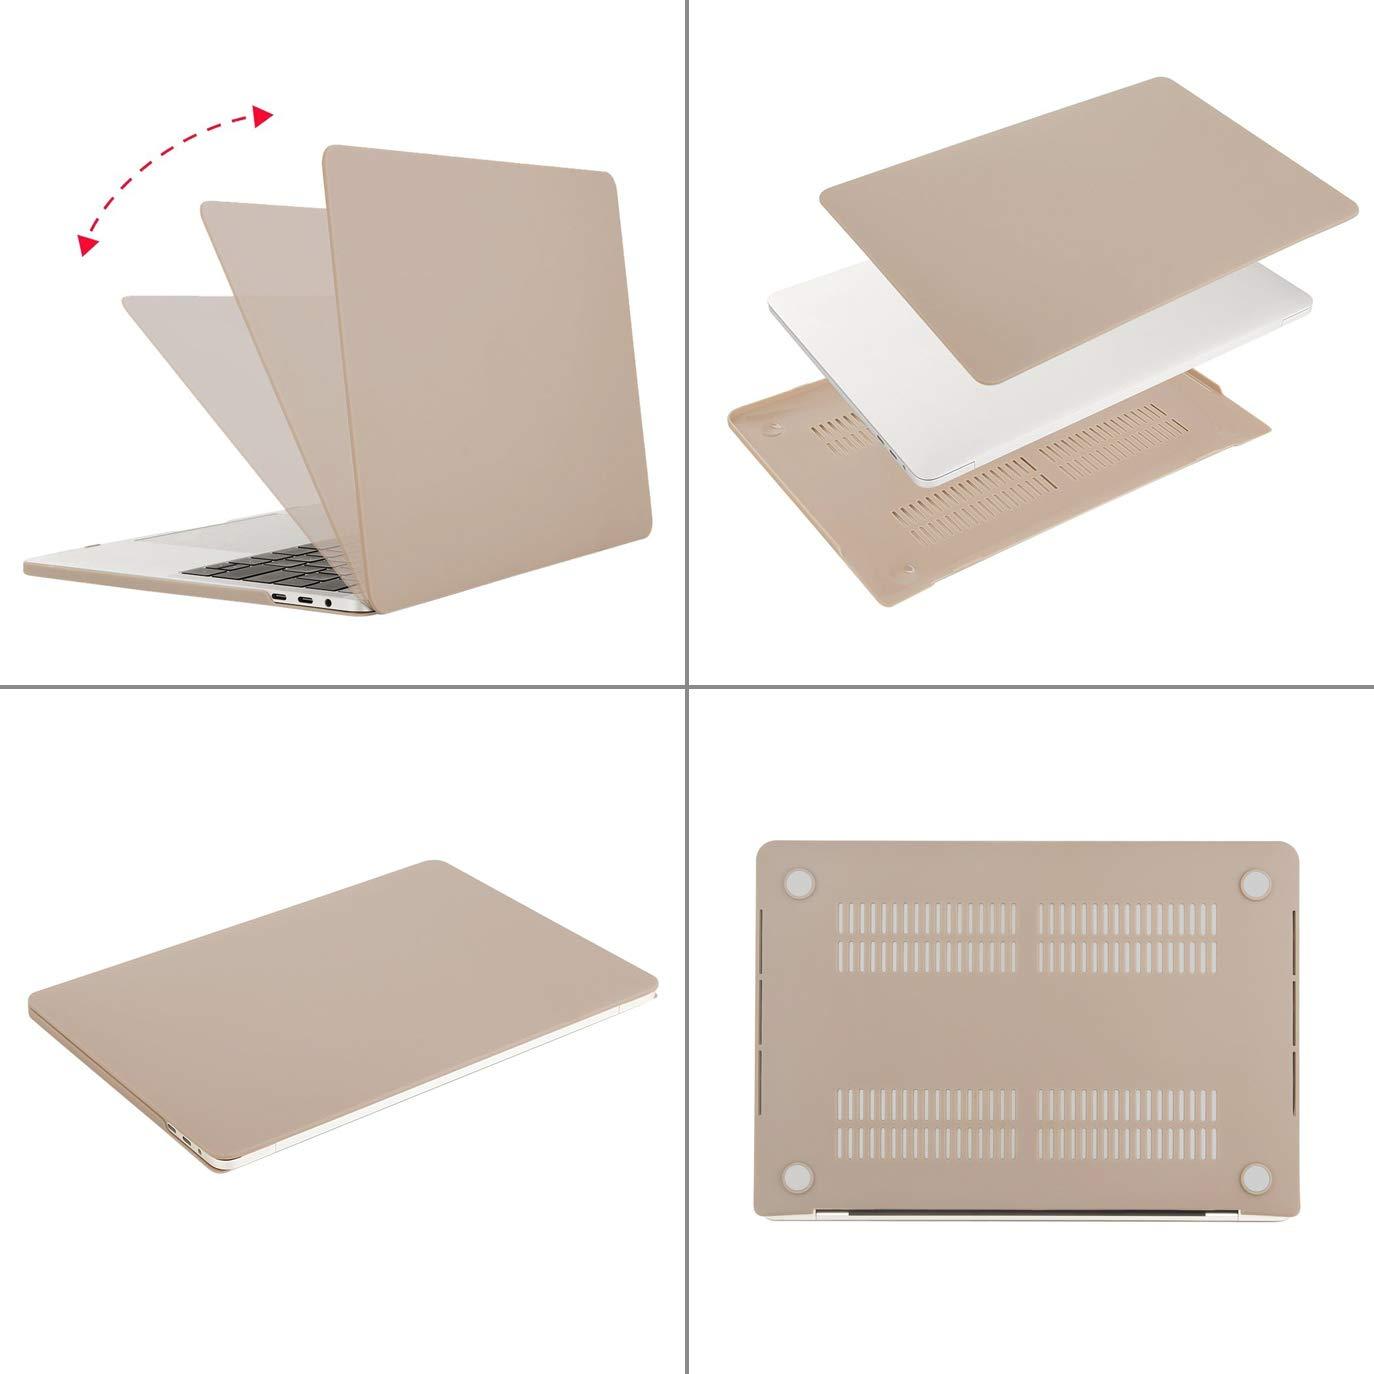 Deep Teal MOSISO H/ülle Kompatibel mit MacBook Pro 13 2019 2018 2017 2016 Freisetzung A2159//A1989//A1706//A1708 Plastik Hartschale H/ülle Kompatibel mit Neu MacBook Pro 13 Zoll mit//ohne Touch Bar